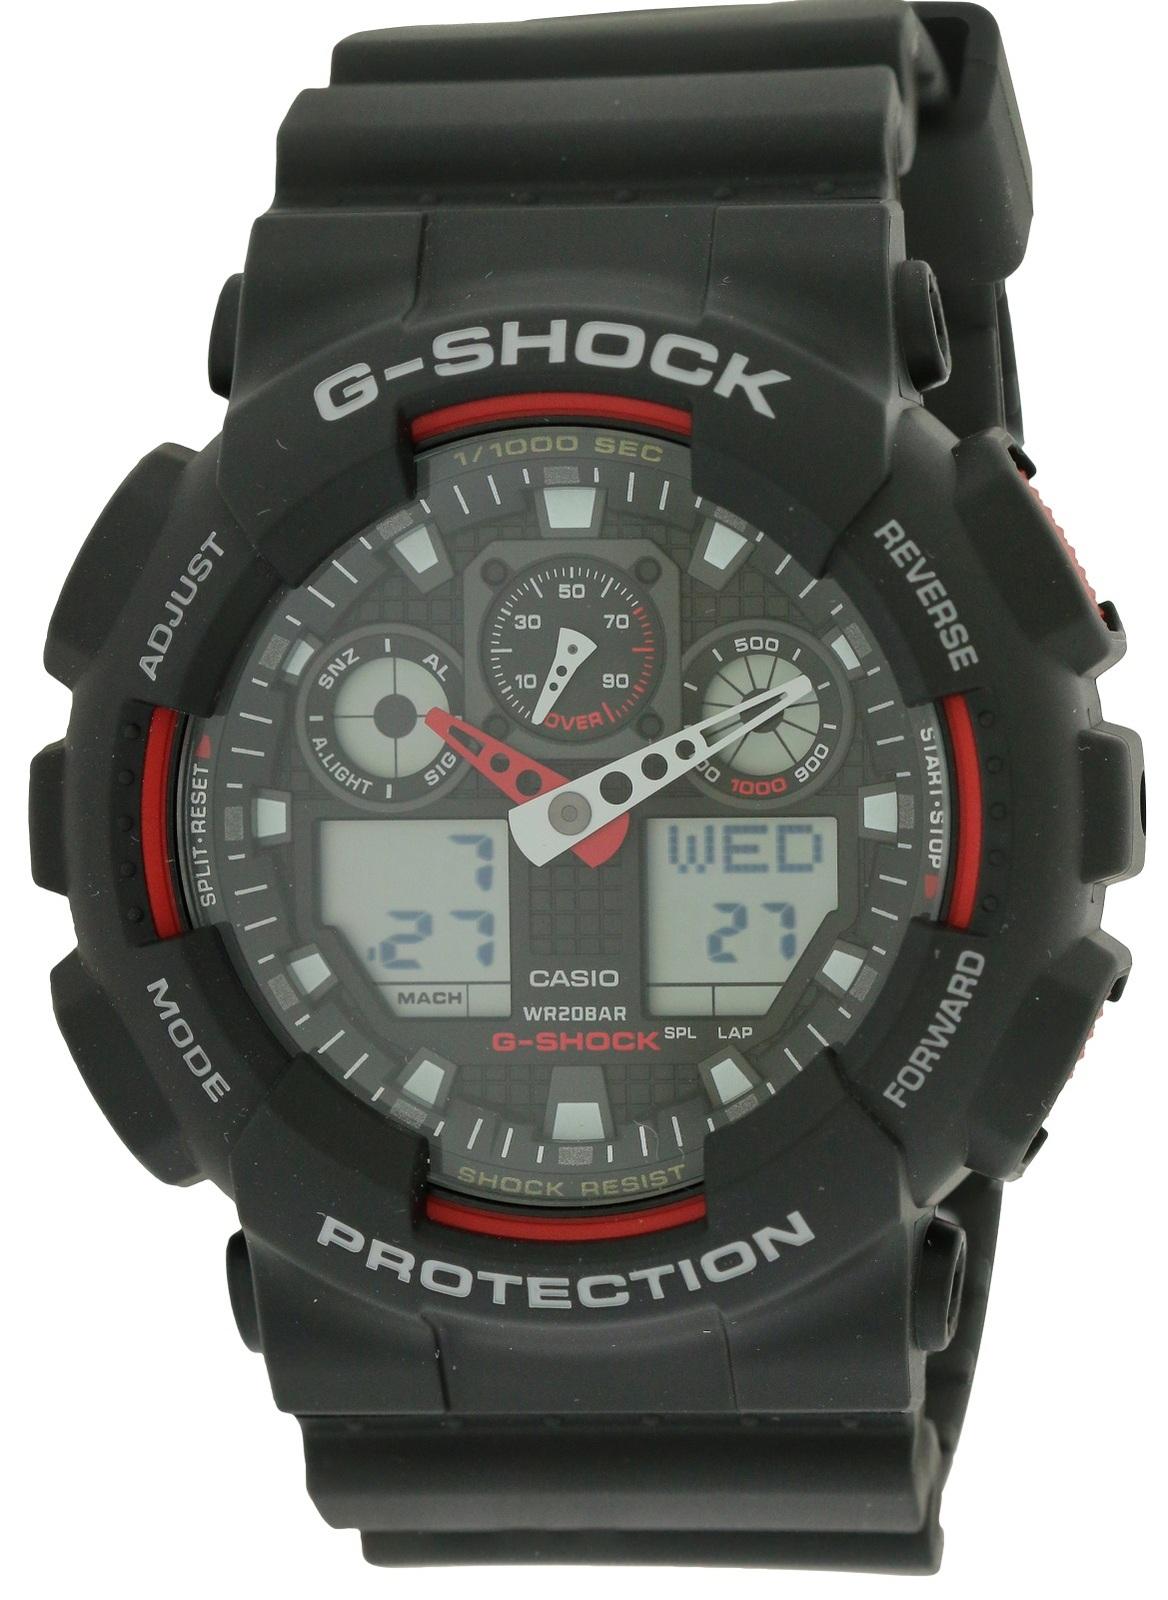 G-Shock Analog Digital Mens Watch GA100-1A4 - $63.90